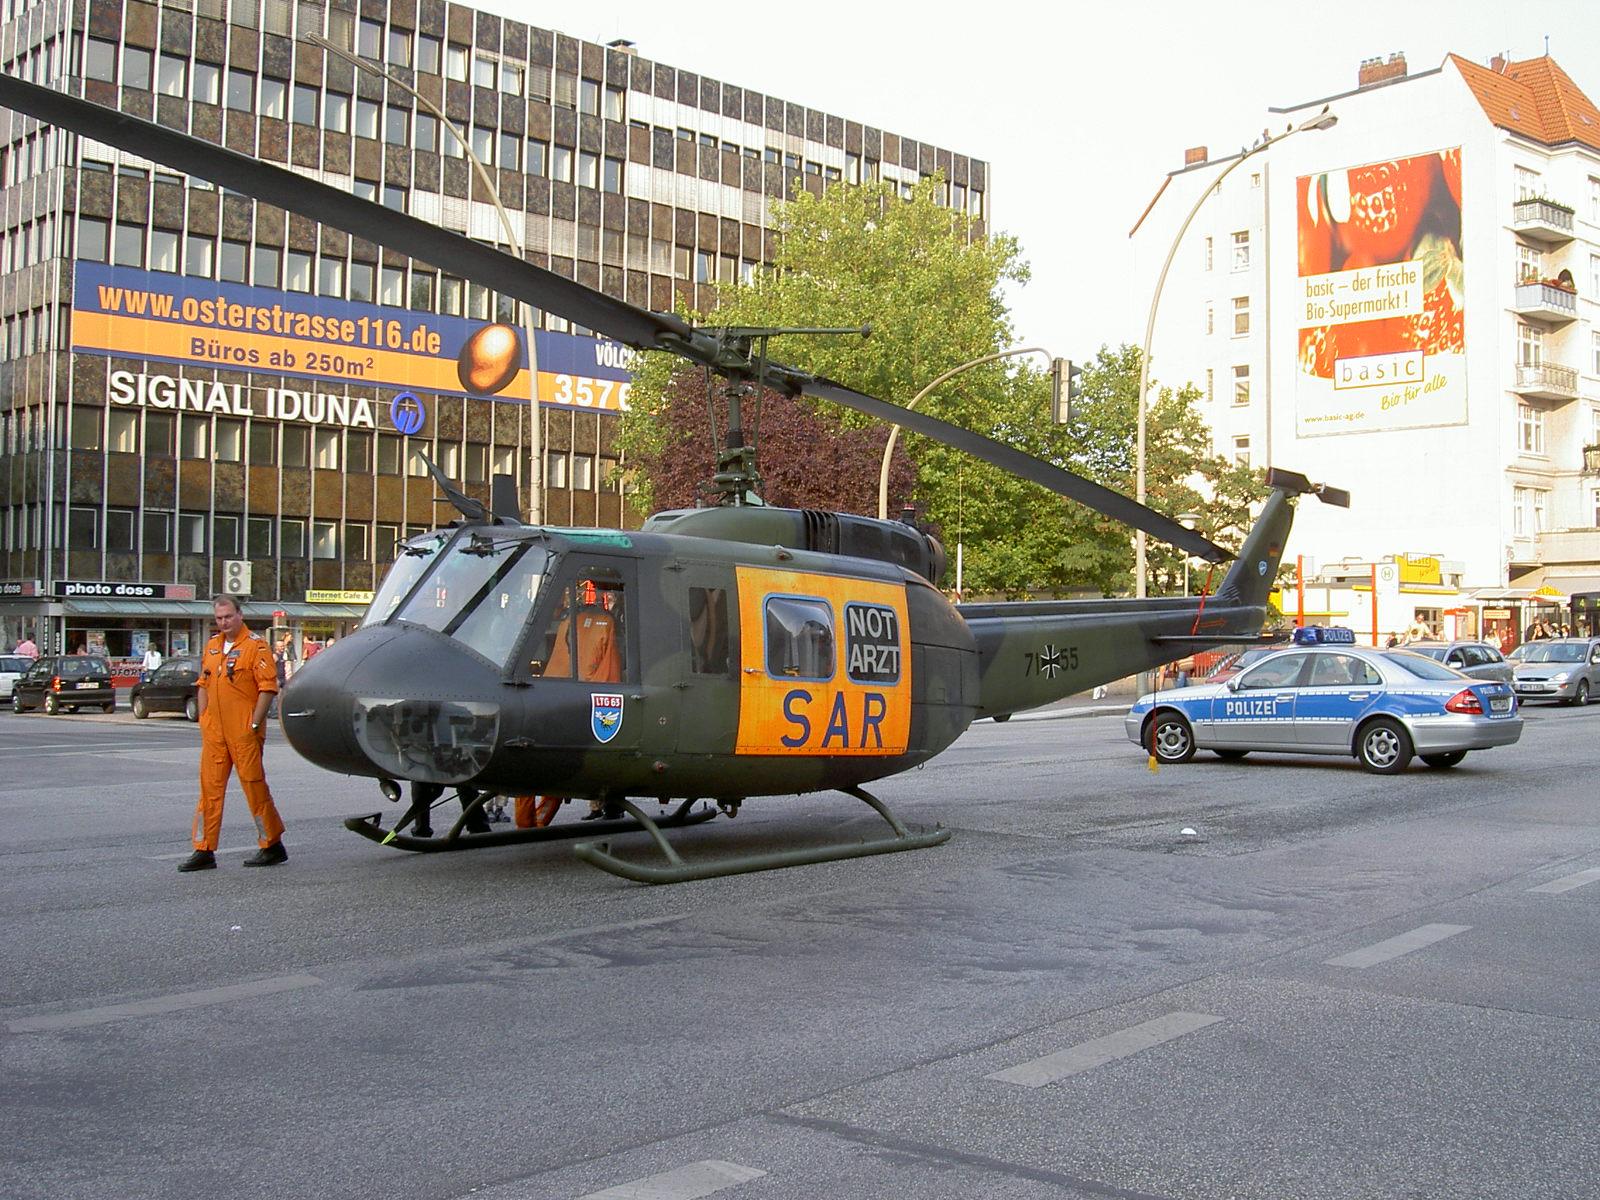 Bell_UH-1D_SAR_%28Ltg_63%29.jpg